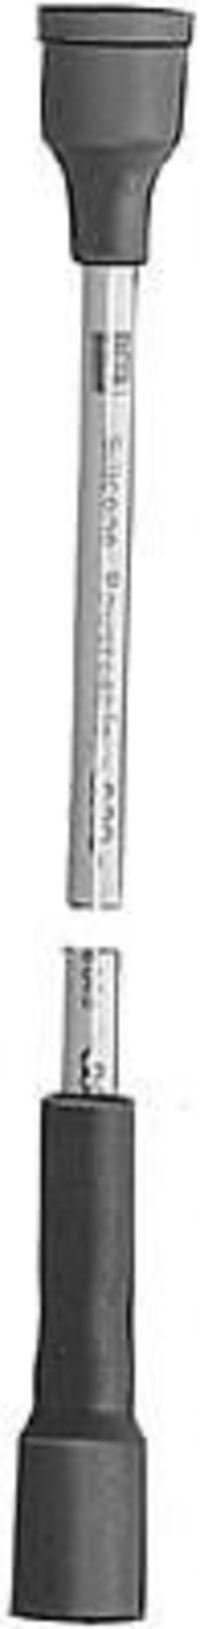 Провод высоковольтный BERU R4